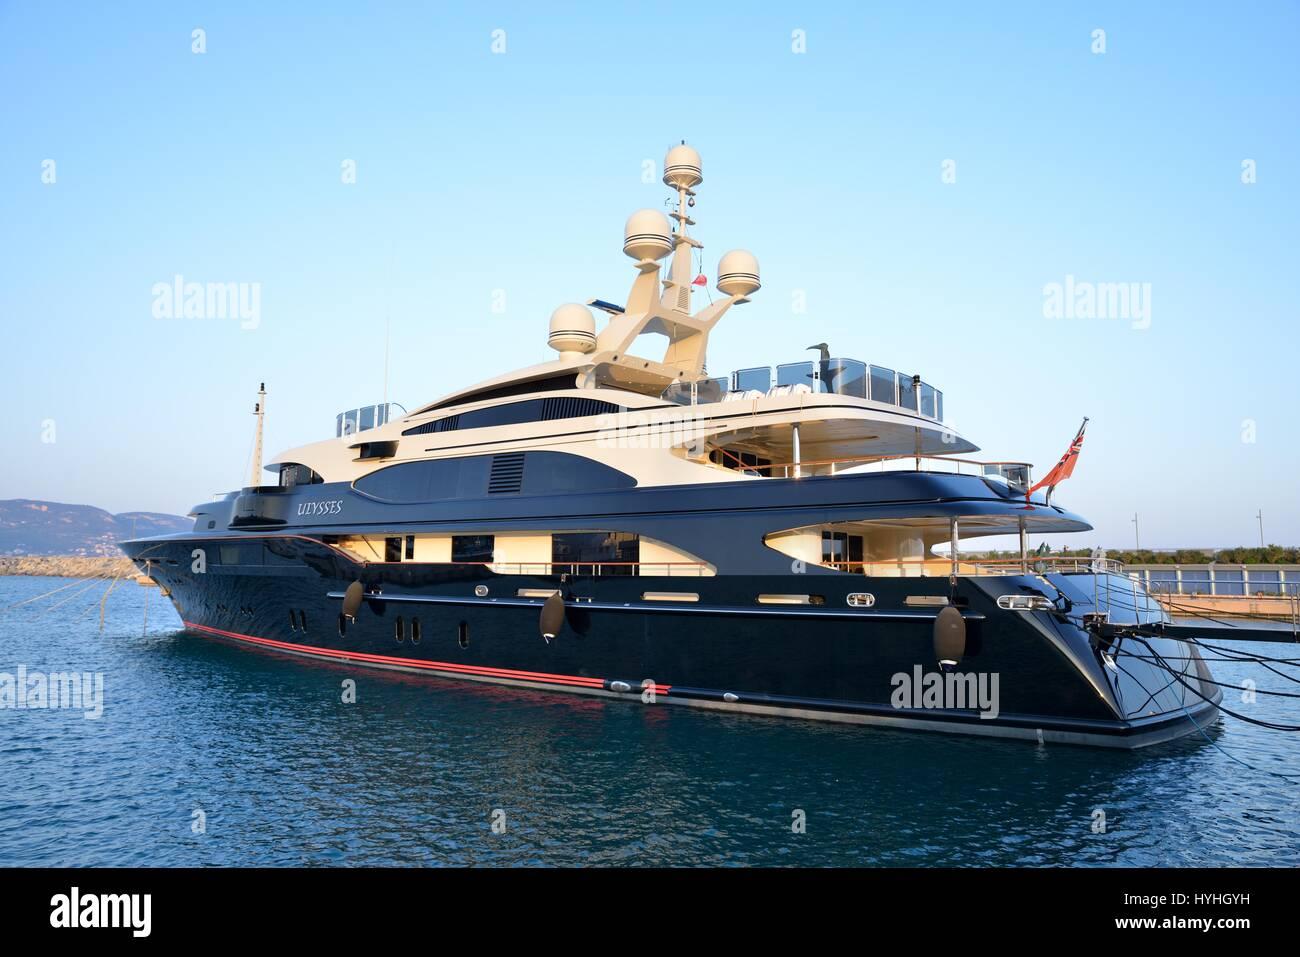 Motor Yacht Design Stock Photos & Motor Yacht Design Stock